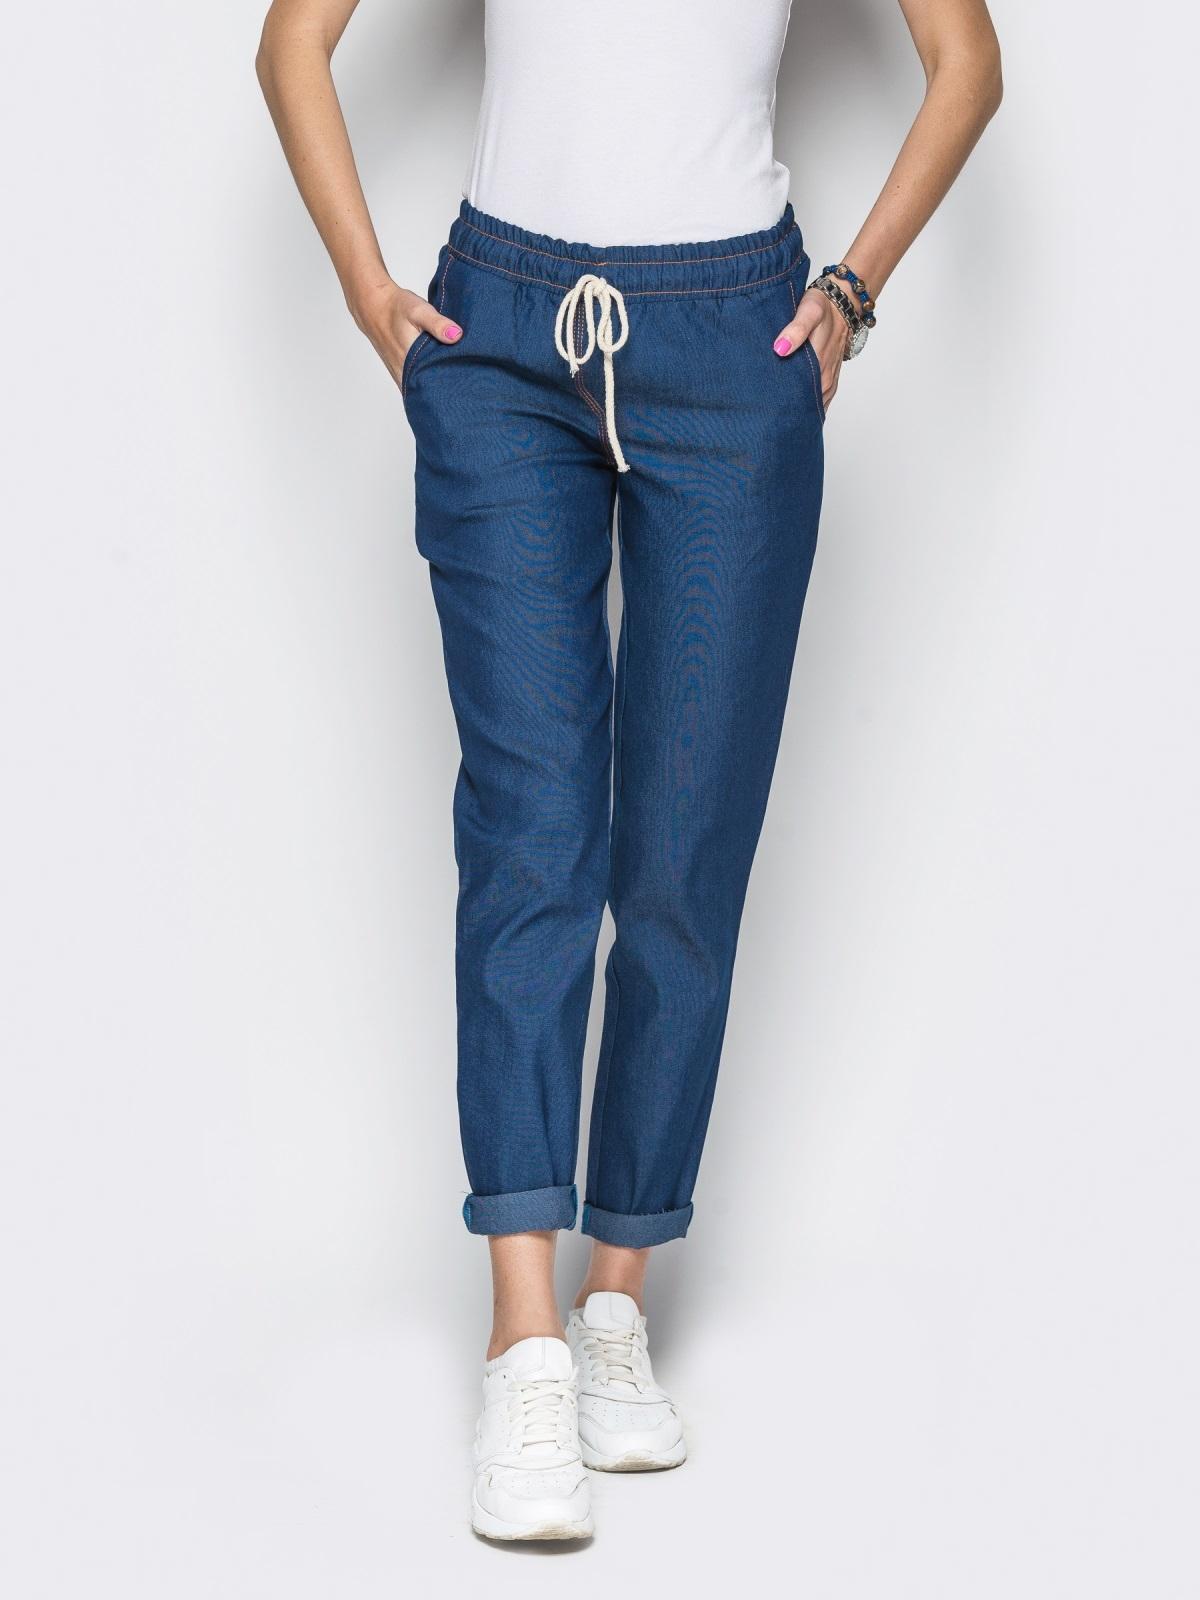 Хлопковые брюки со шнурком тёмно-синие - 10295, фото 2 – интернет-магазин Dressa